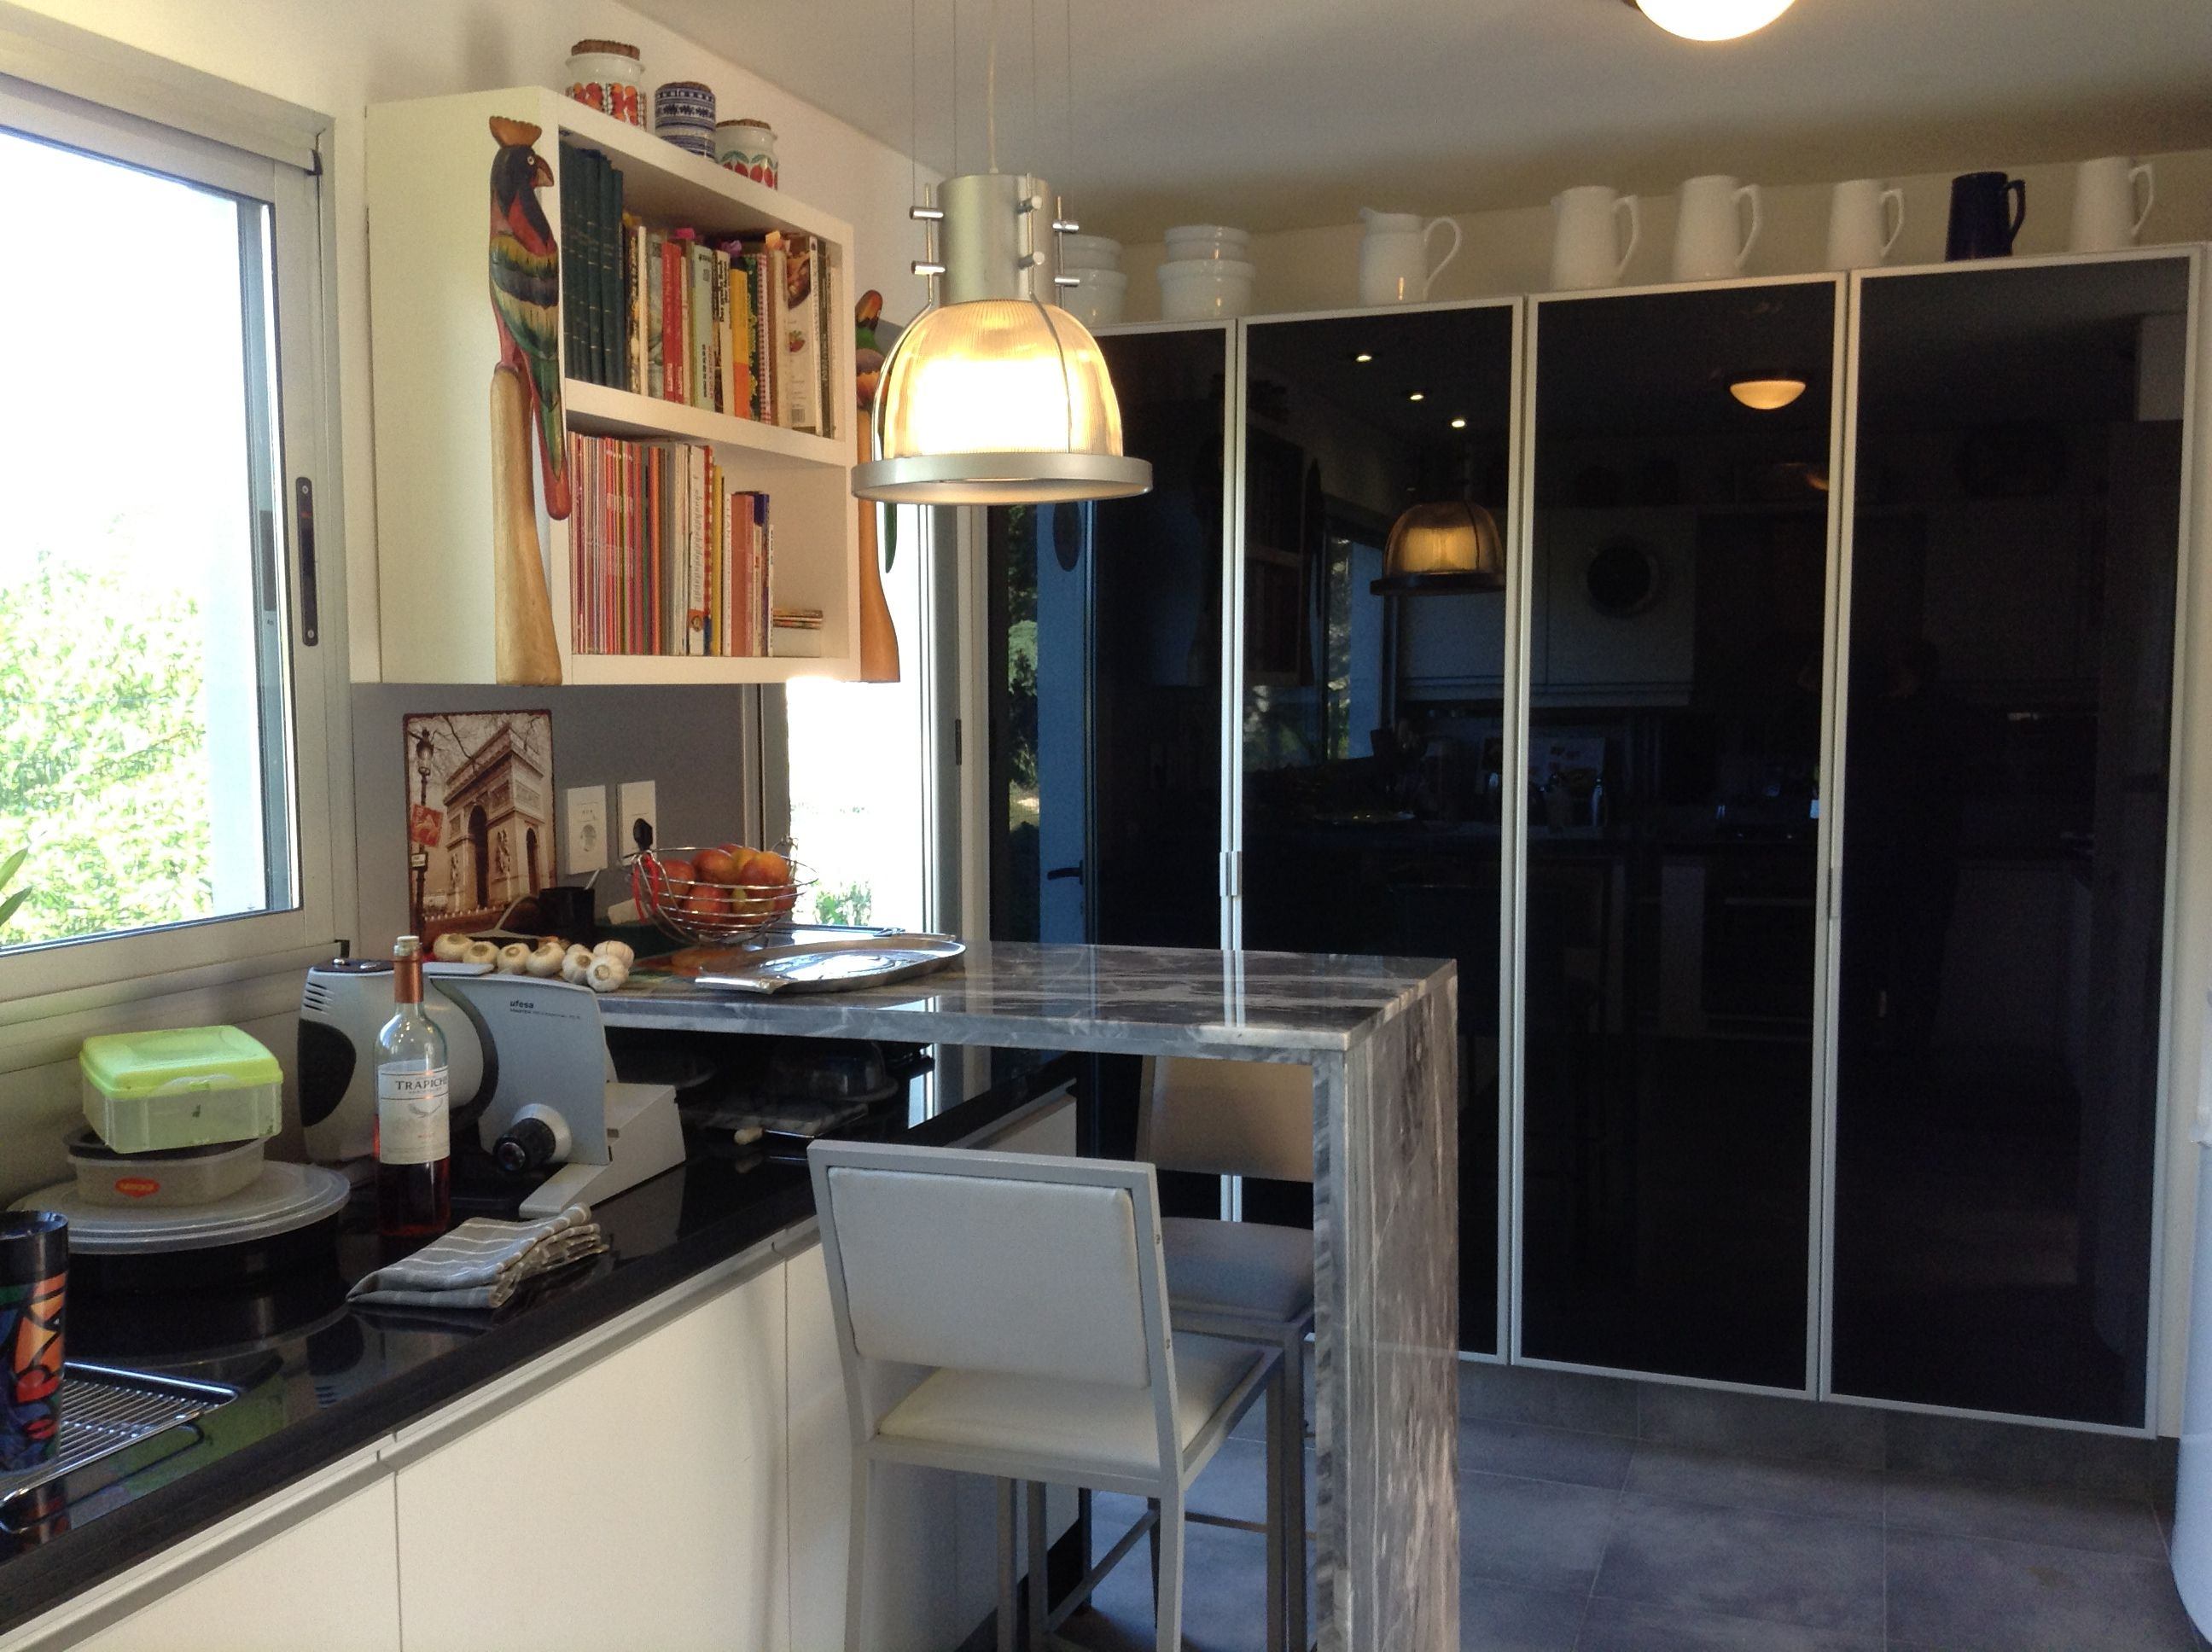 grupo cocina blanca despensas con puertas de aluminio y vidrio negro